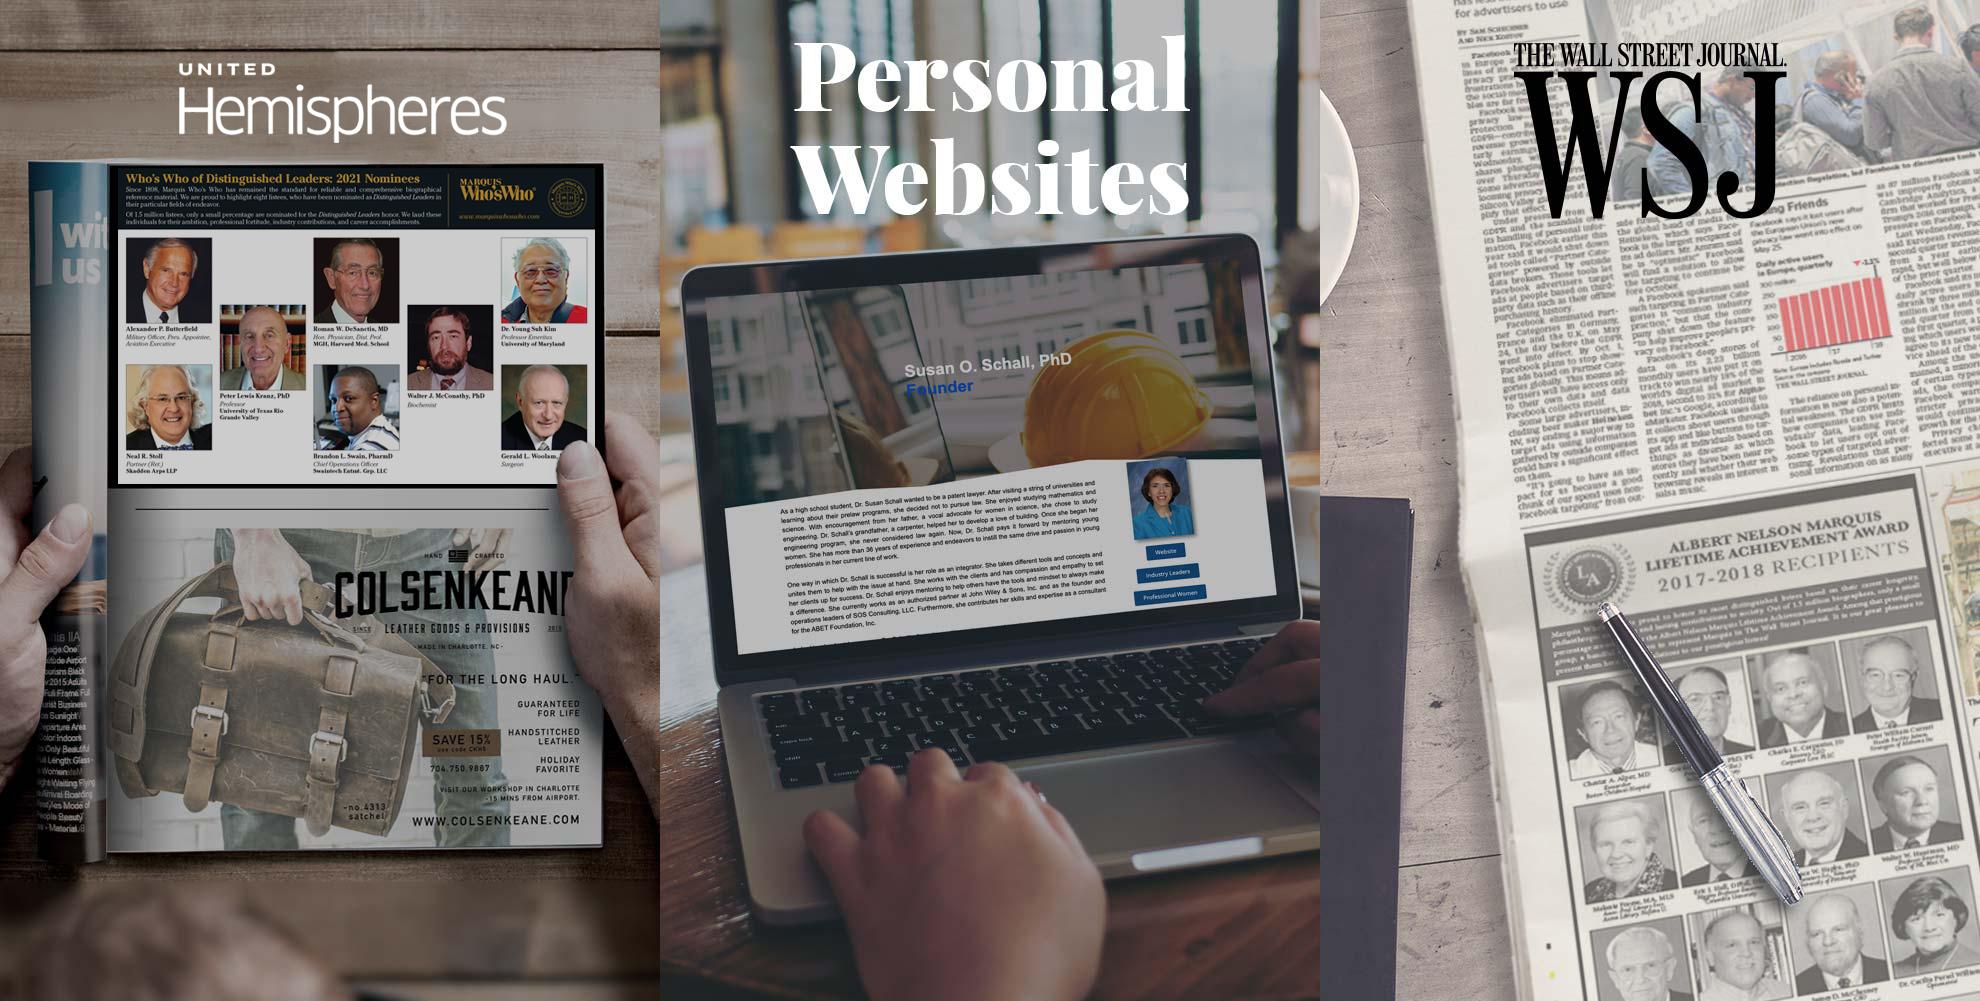 united hemipsheres personal websites wall street journal WSJ